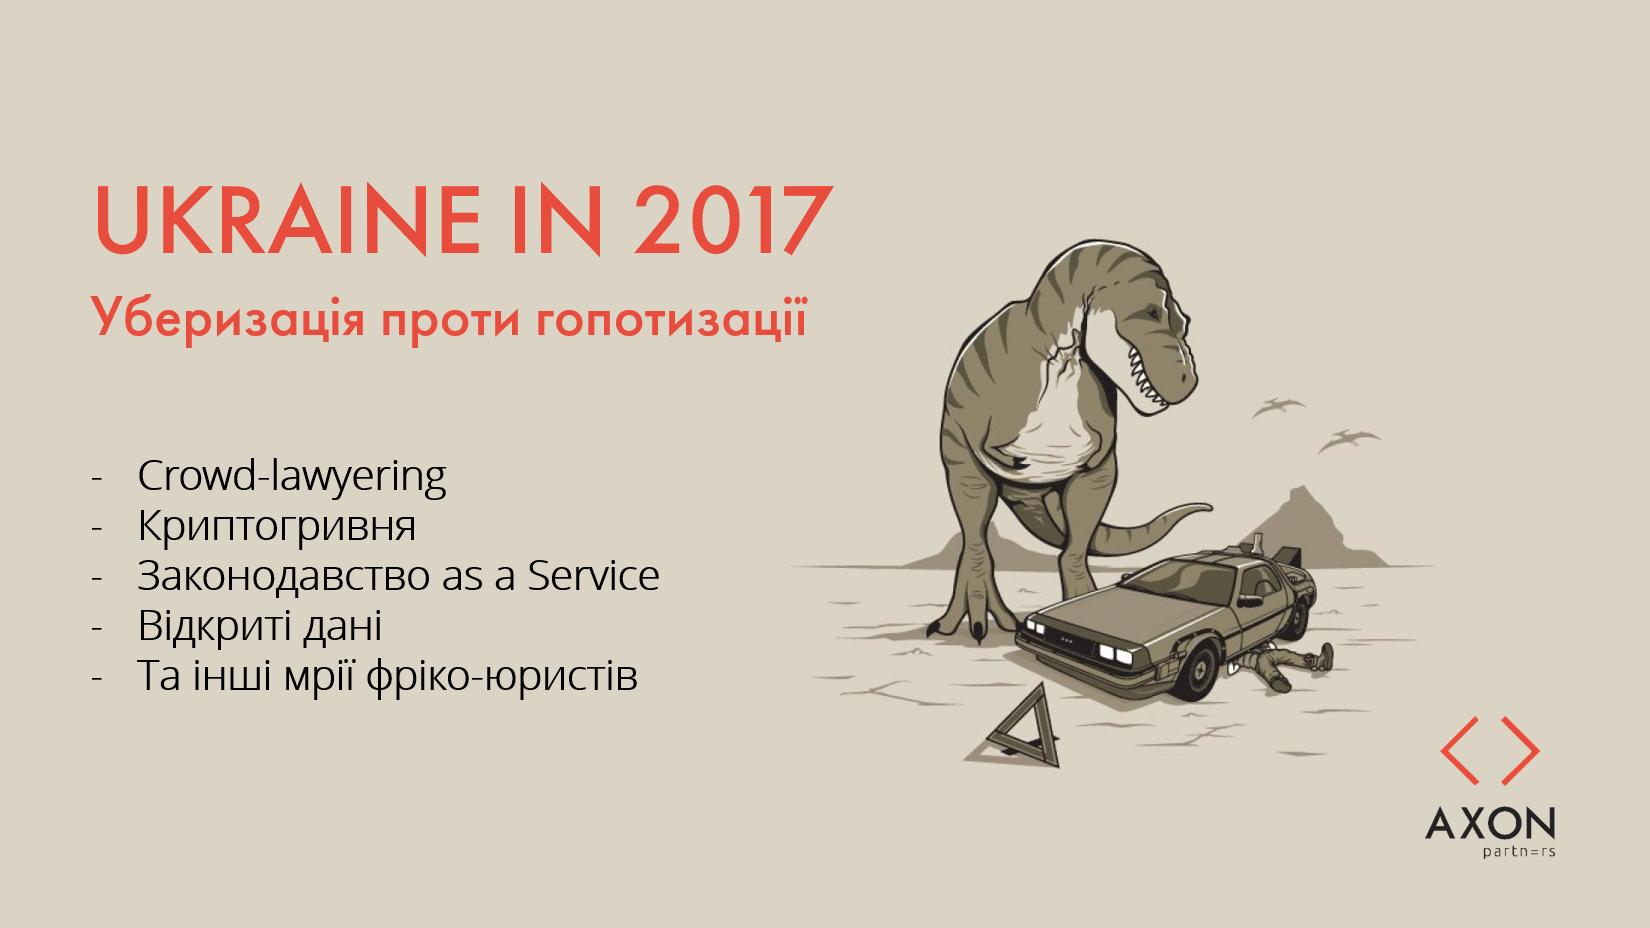 20170111_Ukraine in 2017 (1)